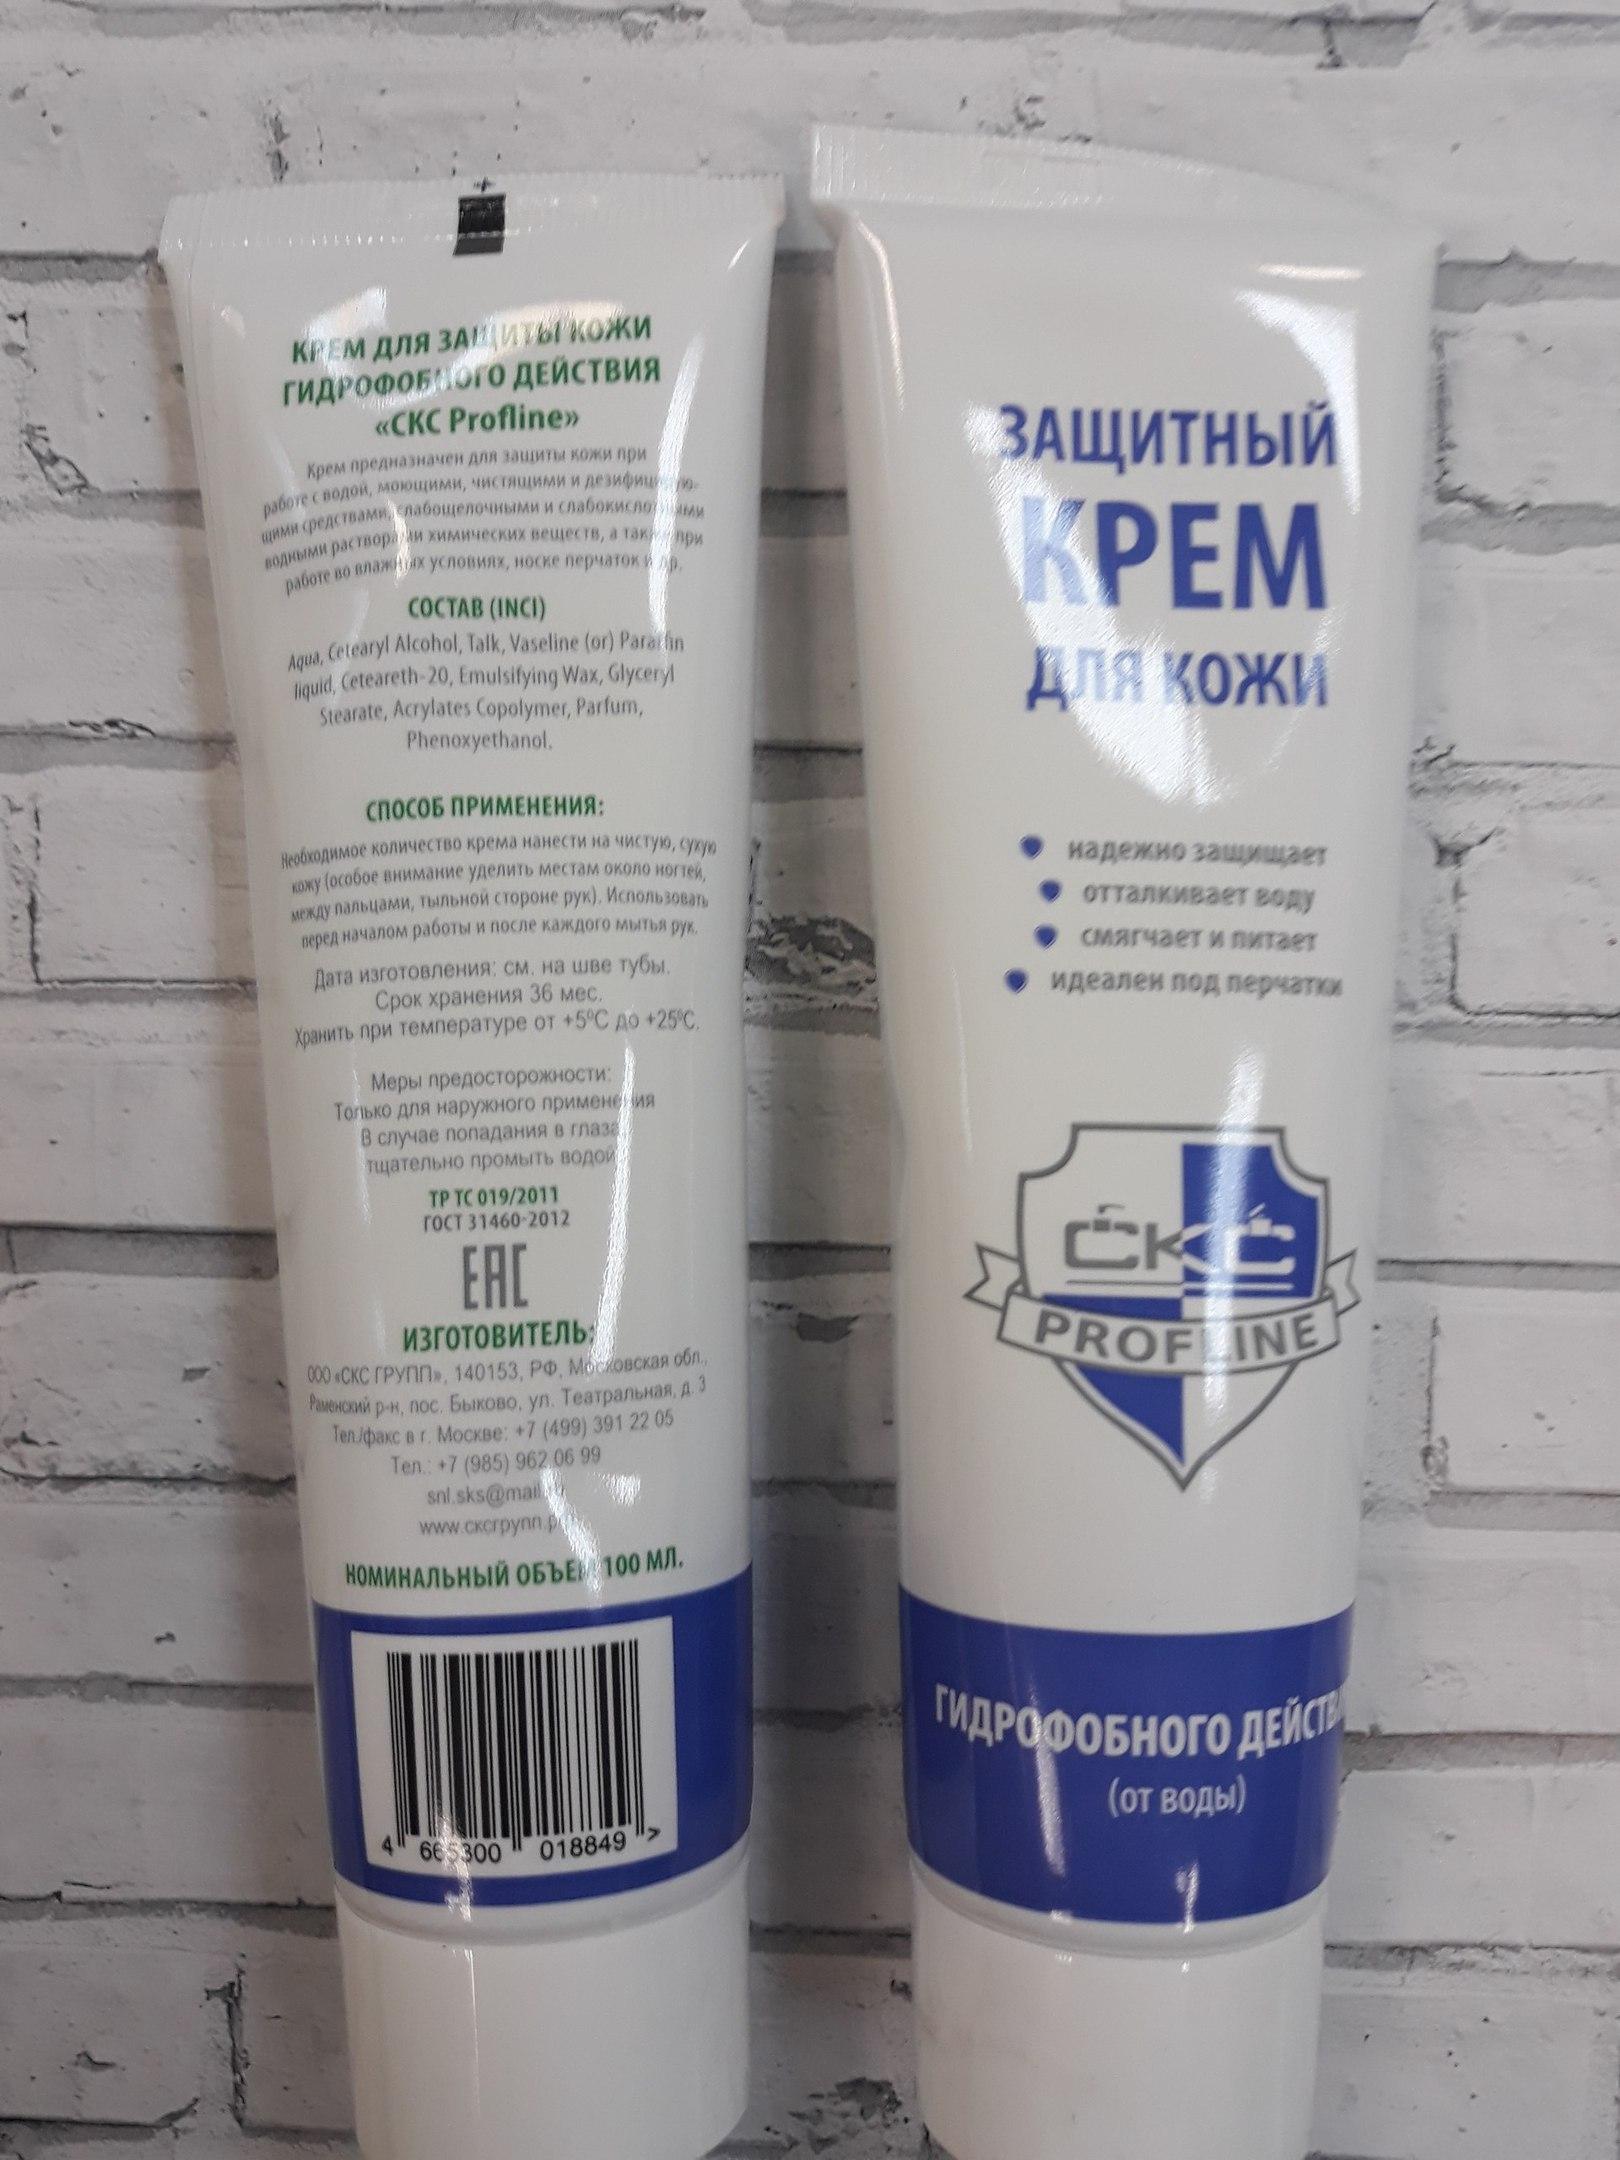 Защитный крем для кожи(защита от воды)